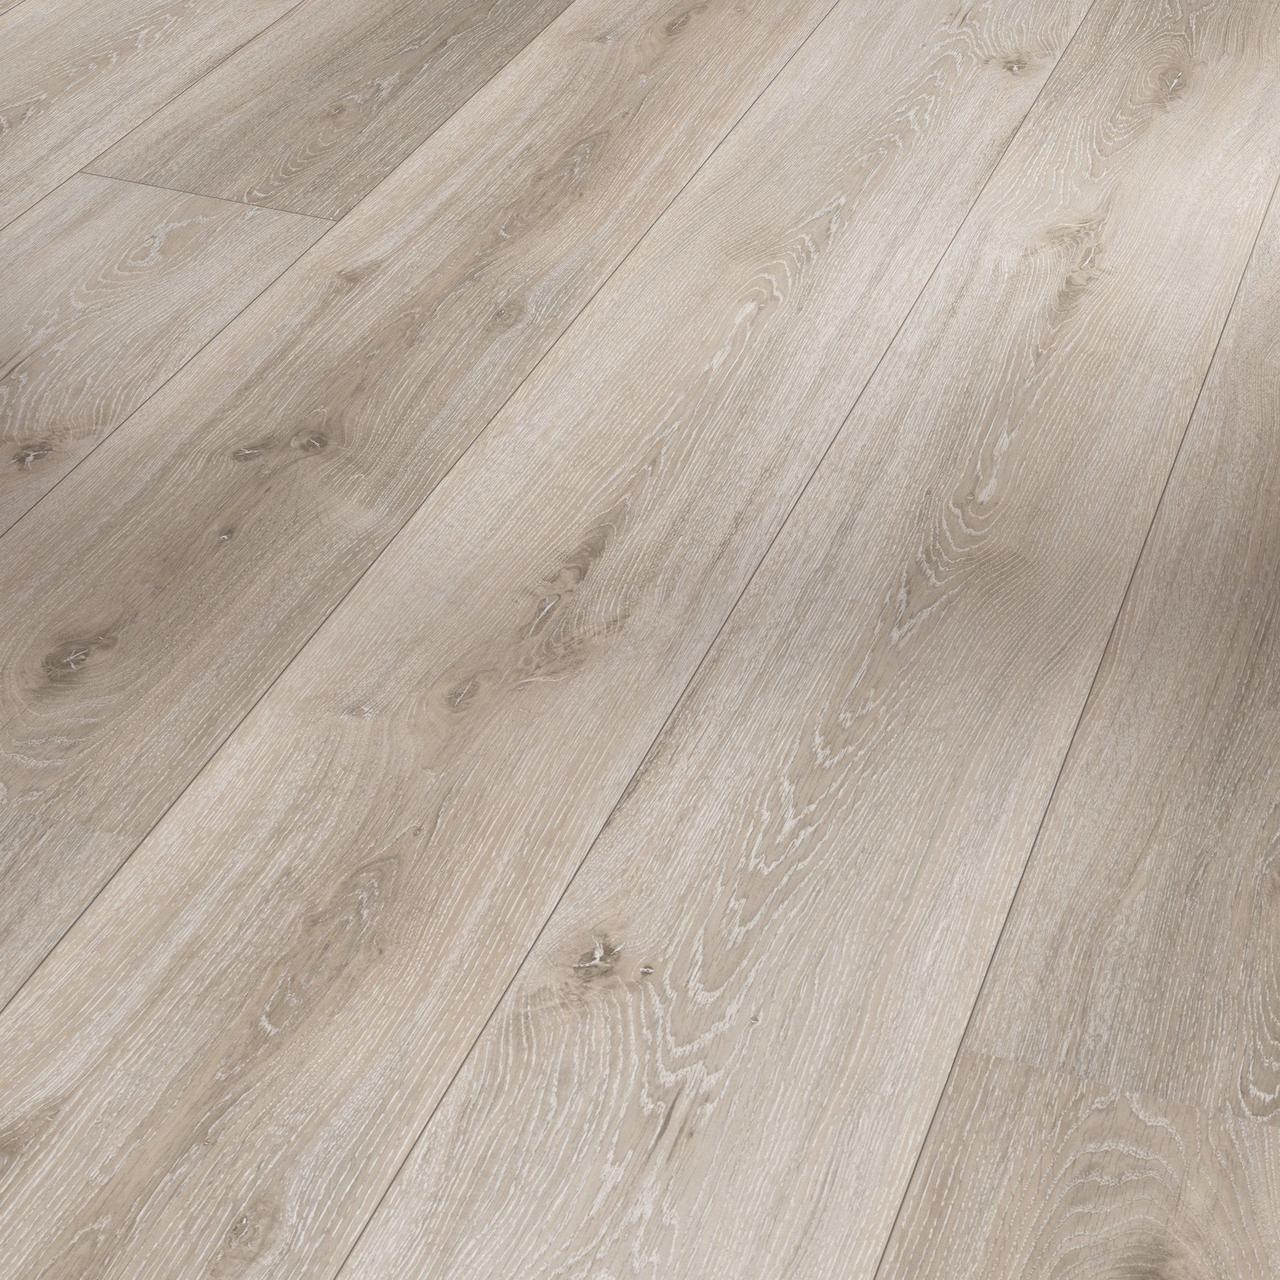 Виниловые покрытия Parador Дуб сірий вибілений браш (Oak grey whitewashed brushed texture)